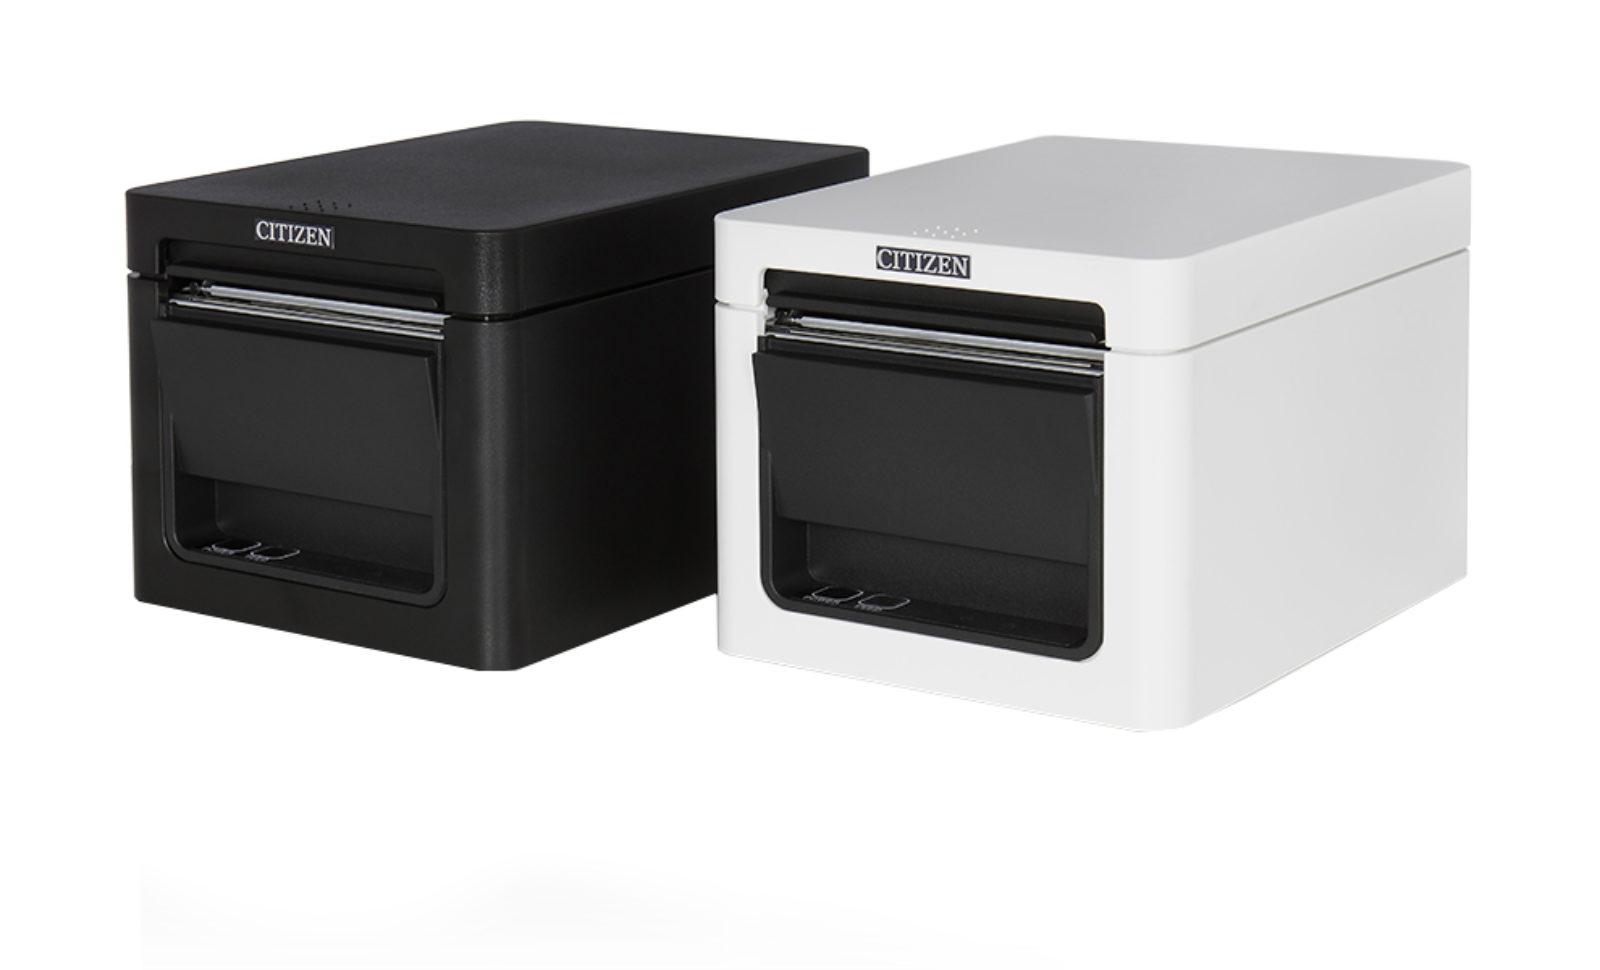 Citizen launcht schnellen und eleganten POS-Drucker